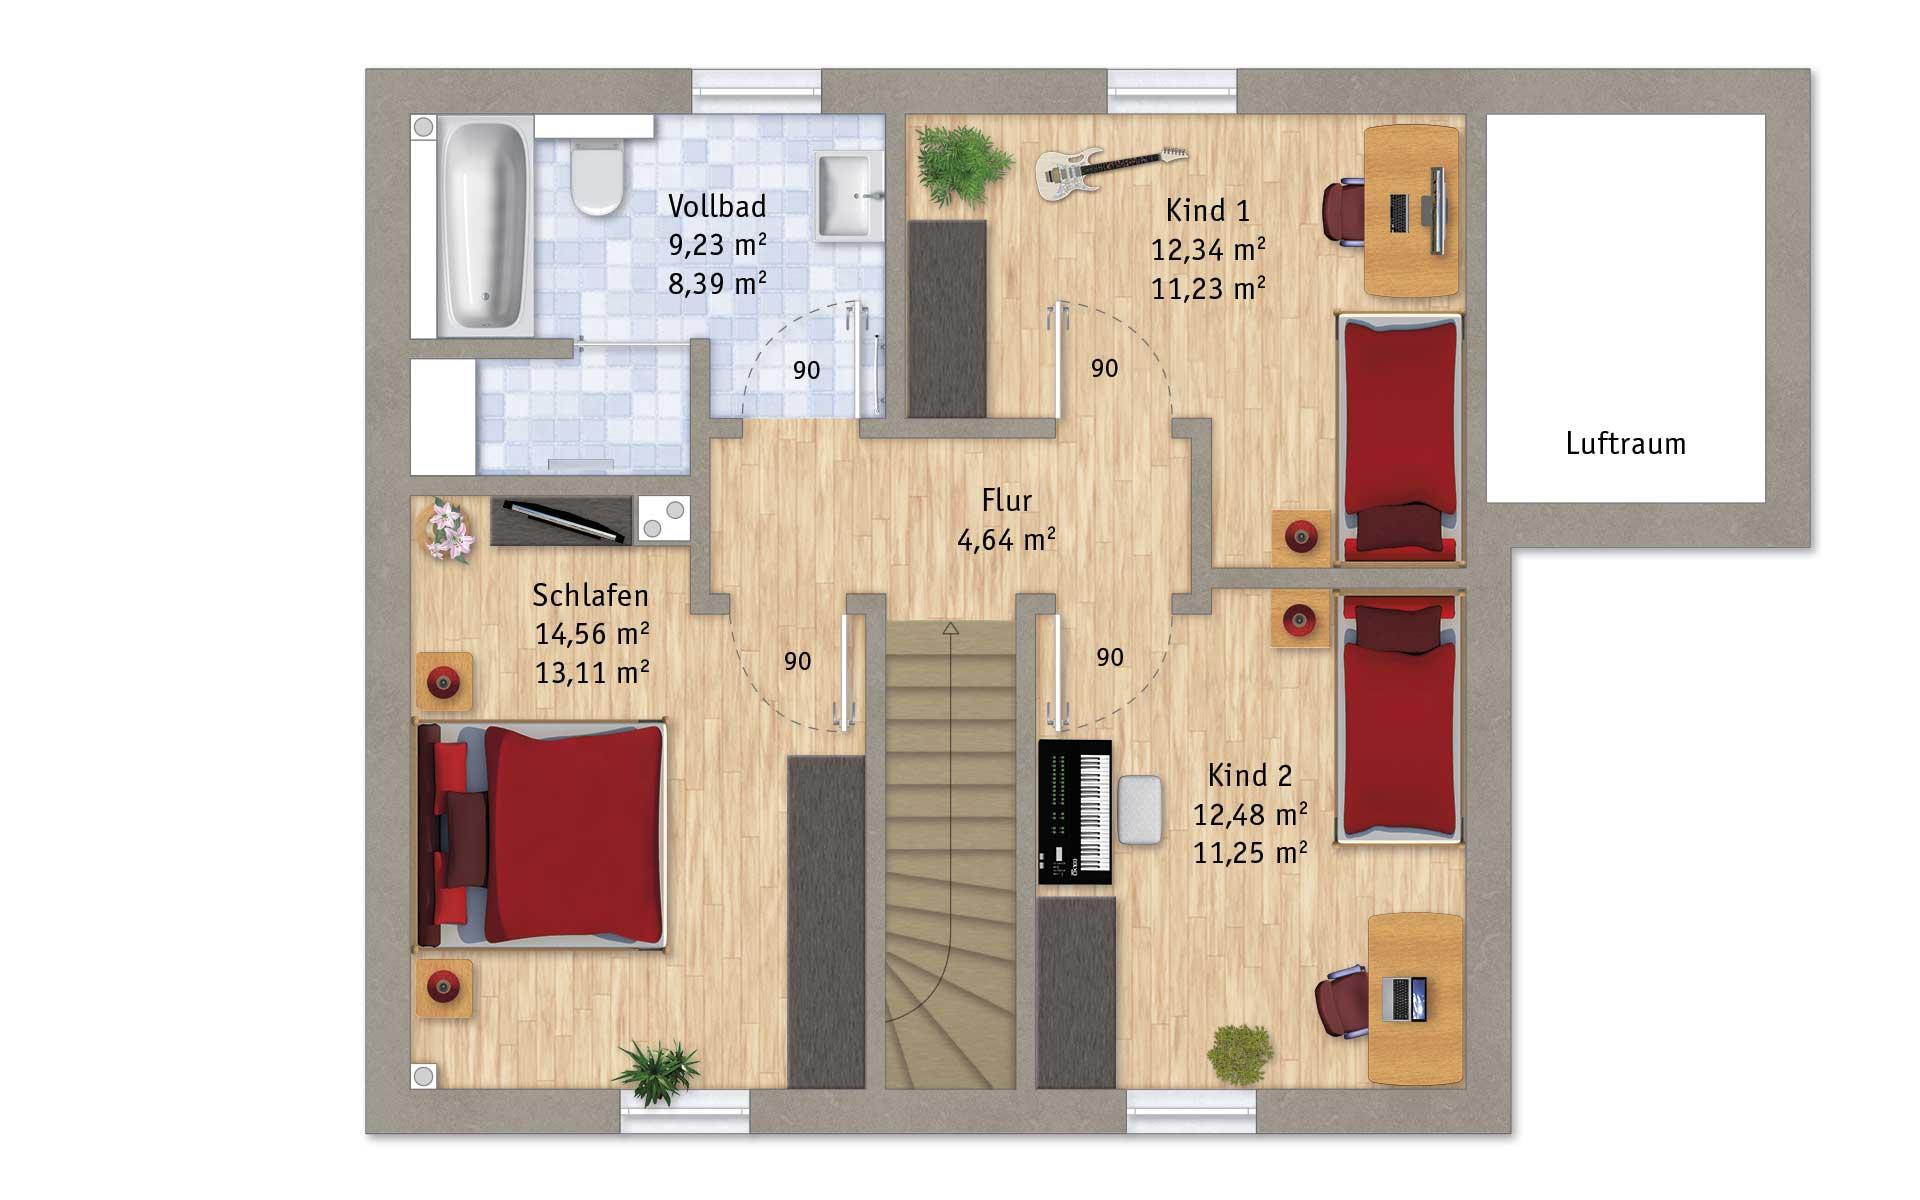 Dachgeschoss VarioFamily 118 von VarioSelf Lizenzgesellschaft mbH